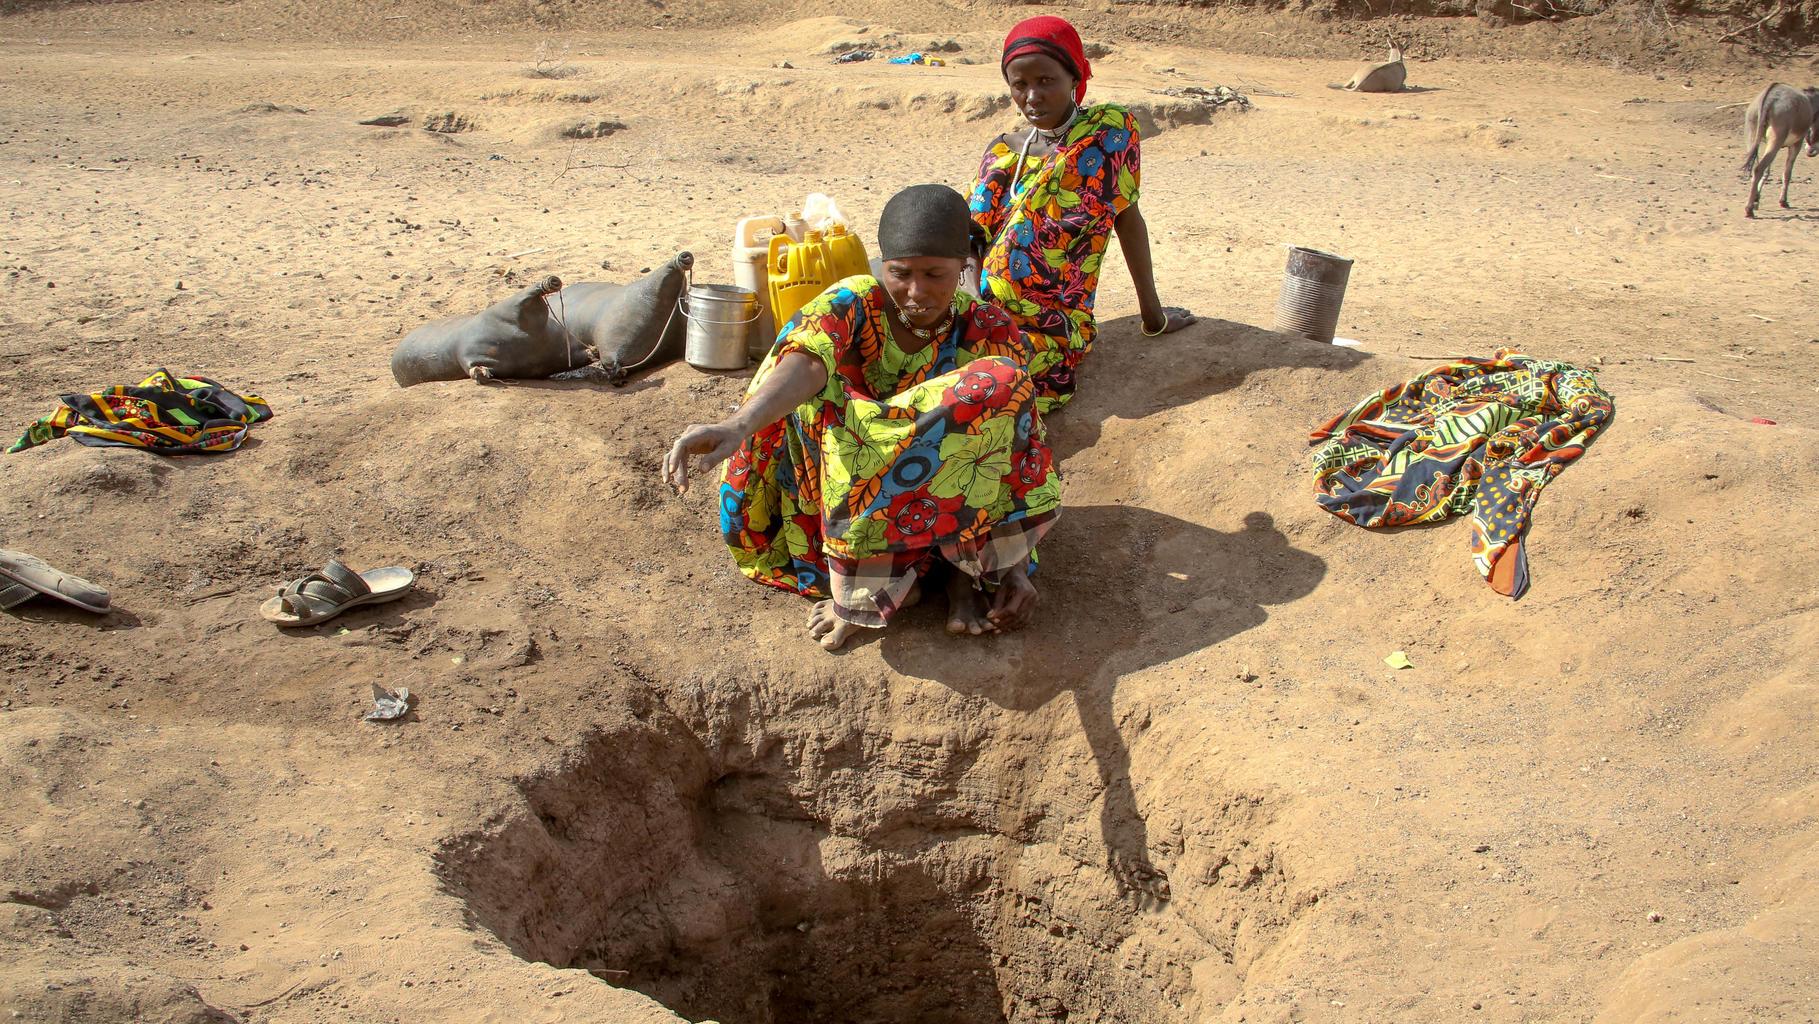 Zwei Frauen sitzen auf einem trockenem Boden vor einem gegrabenen Loch.